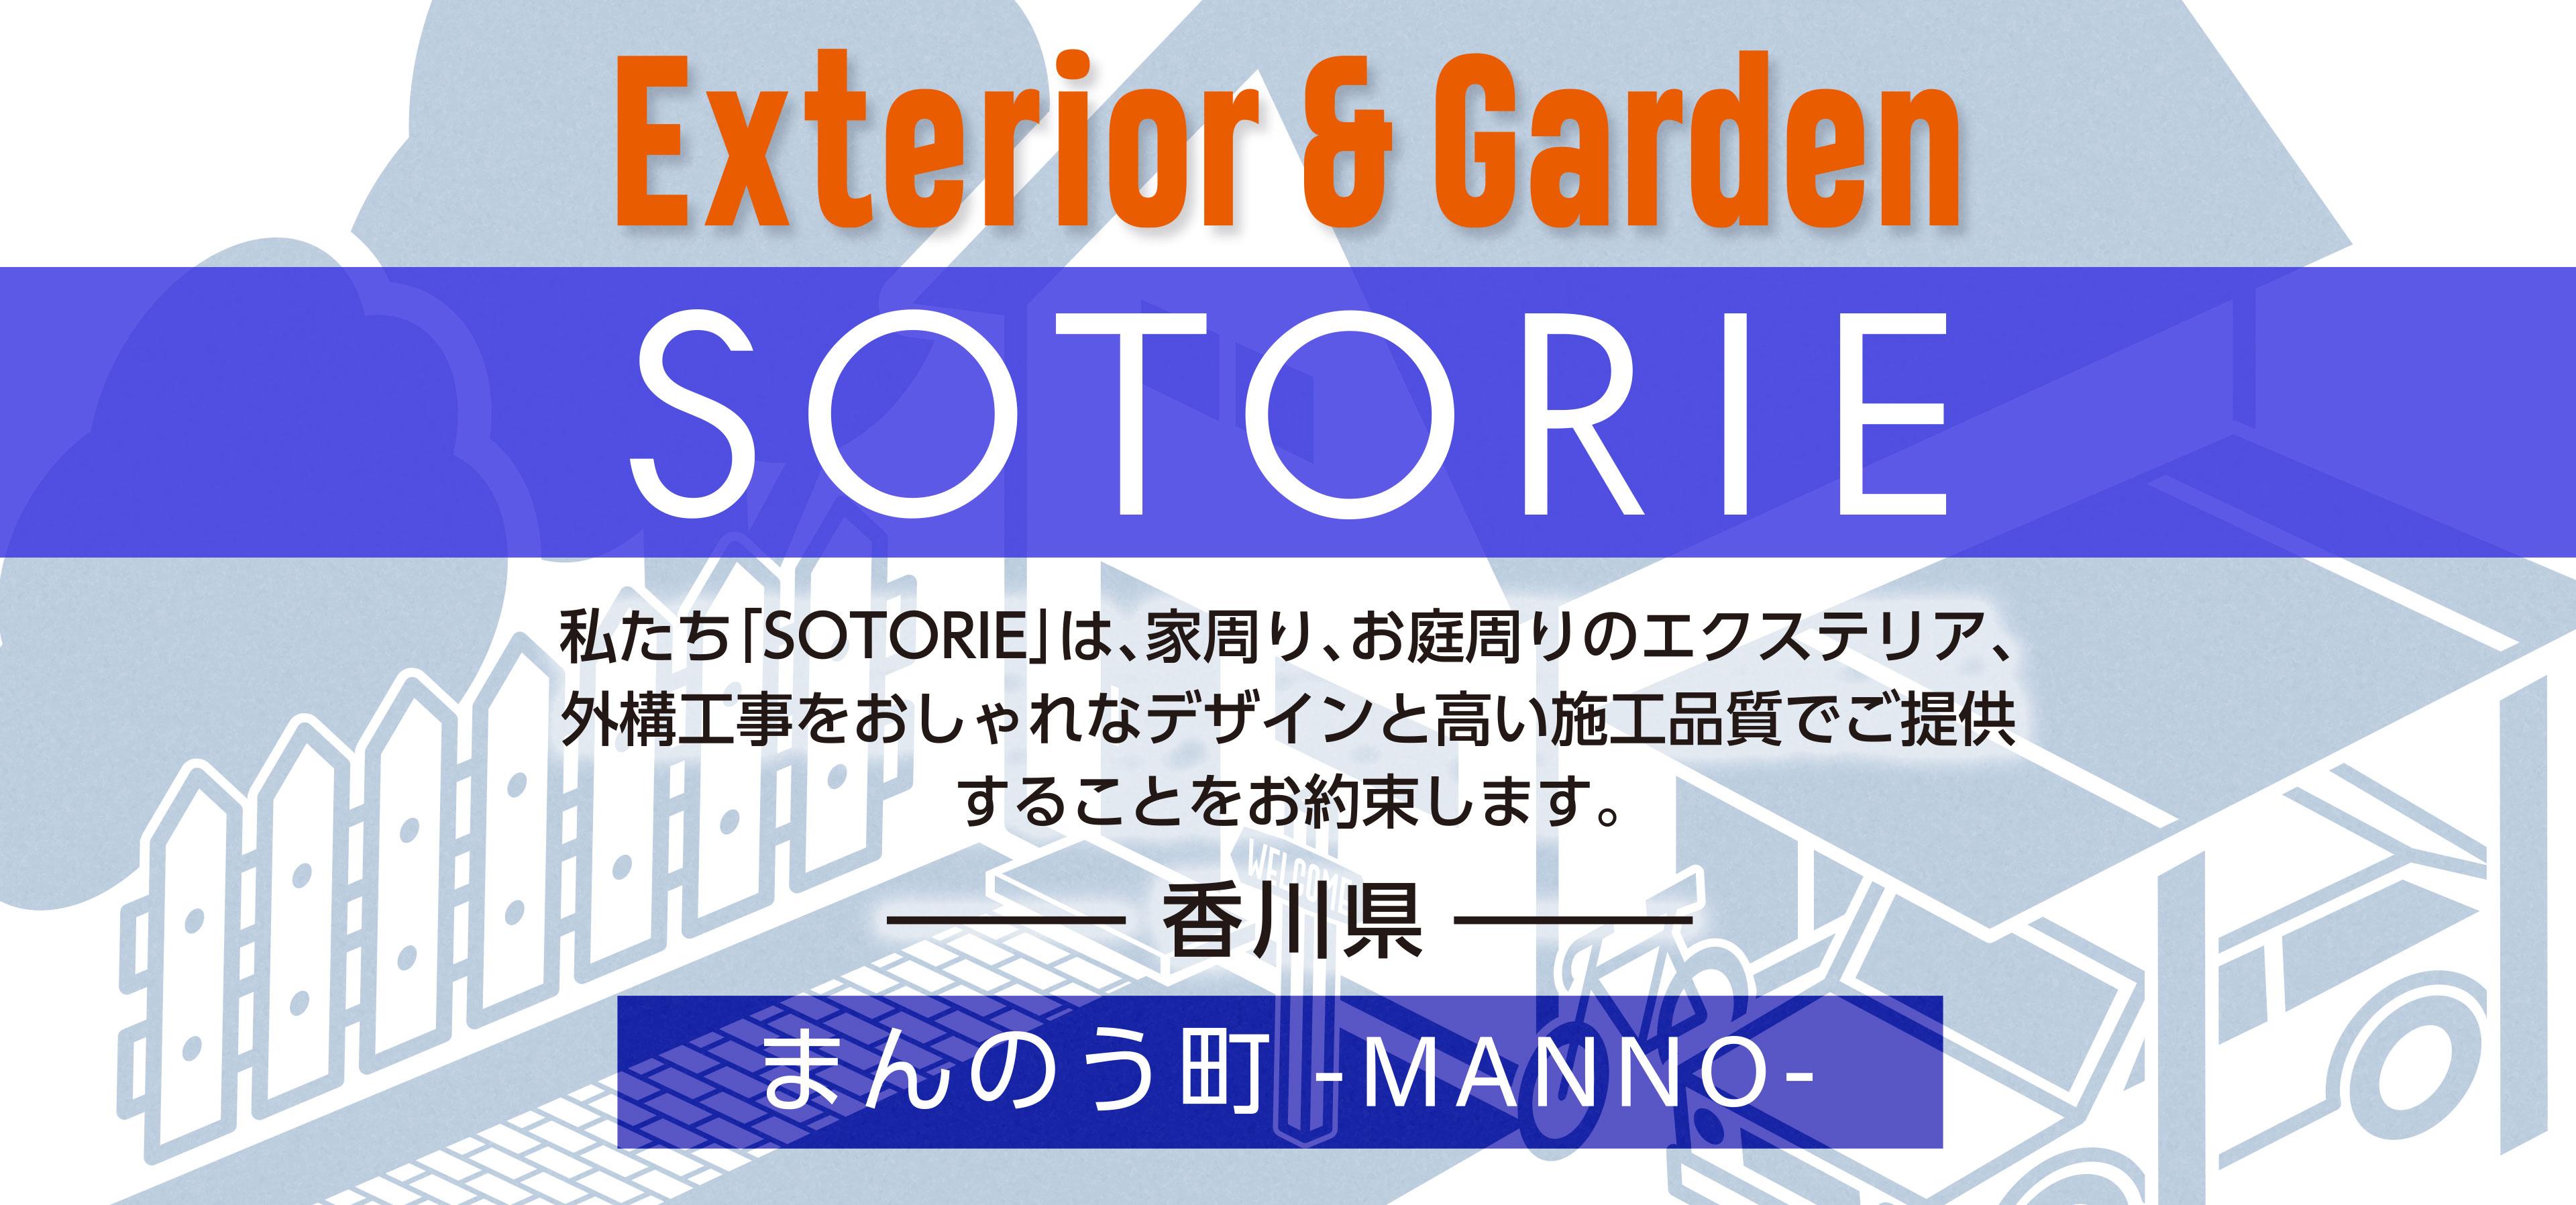 ソトリエまんのう町では、家周りと庭周りの外構、エクステリア工事をおしゃれなデザインと高い施工品質でご提供することをお約束します。